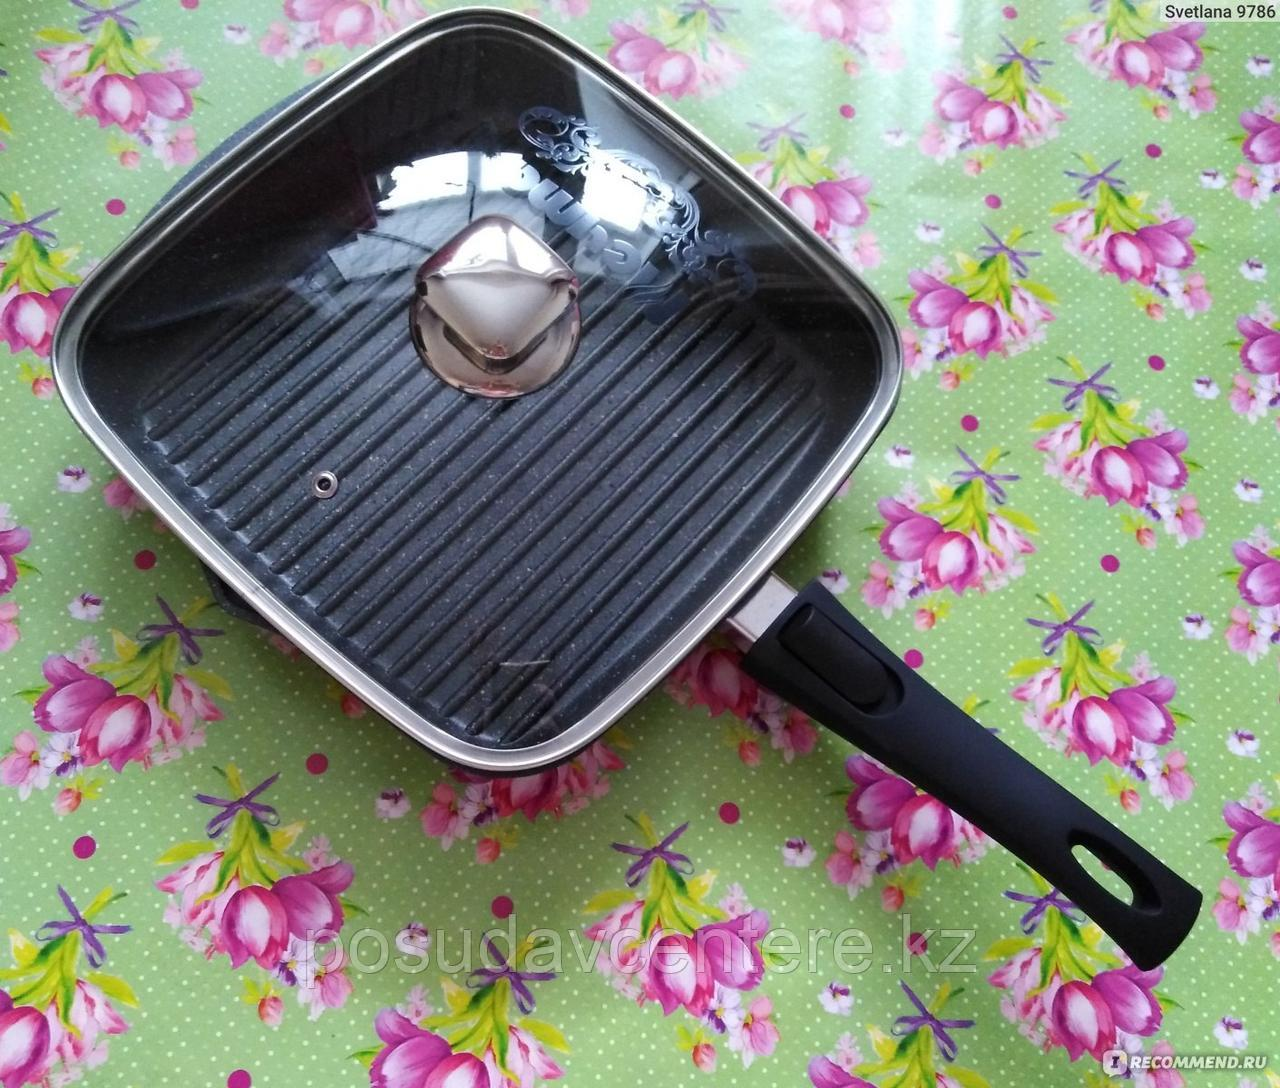 Сковорода-гриль квадр. 28*28 Гранит со съёмной ручкой и стеклянной крышкой